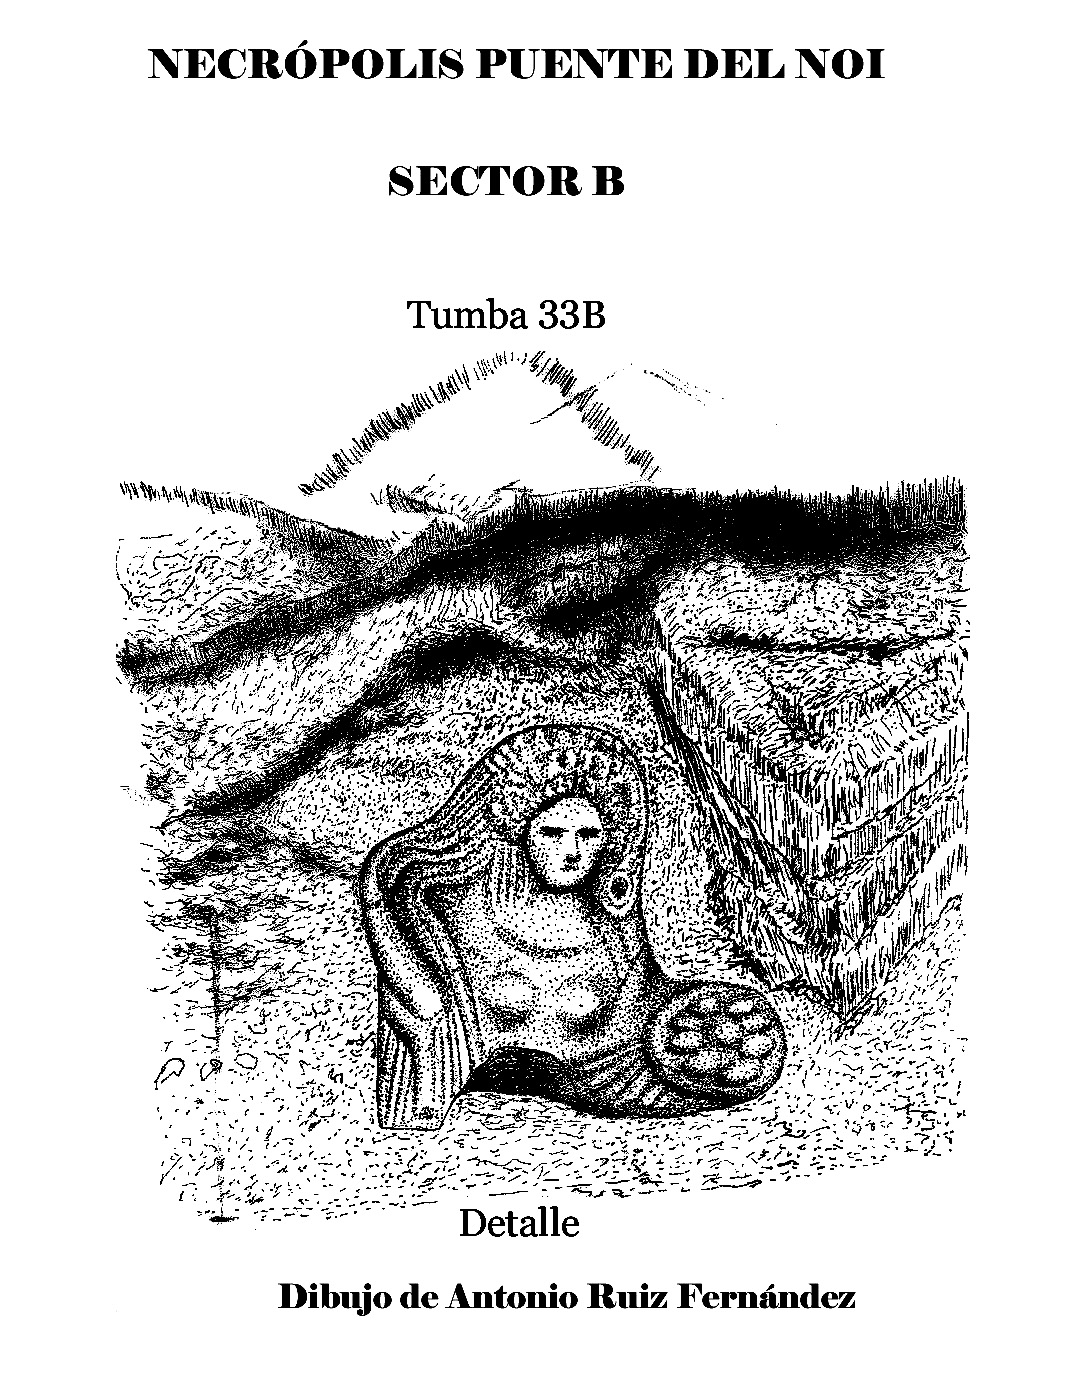 33aPuente del Noi sector 33B copia (1)